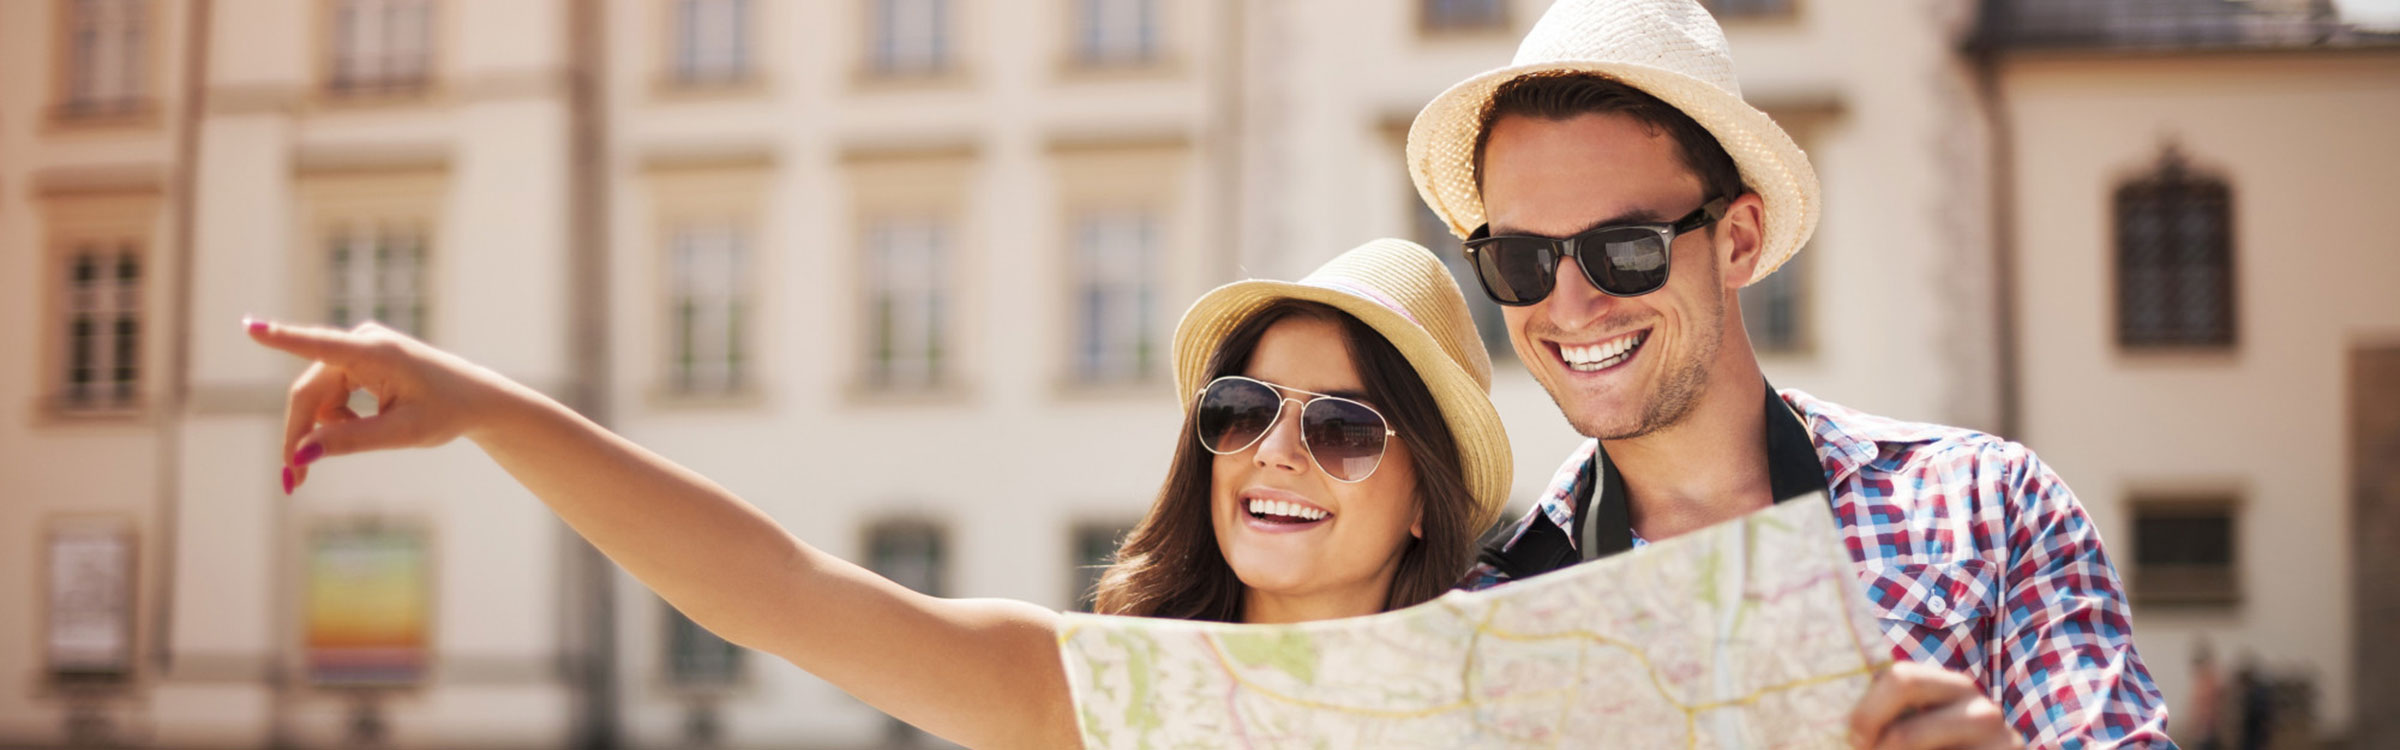 O tourist facebook